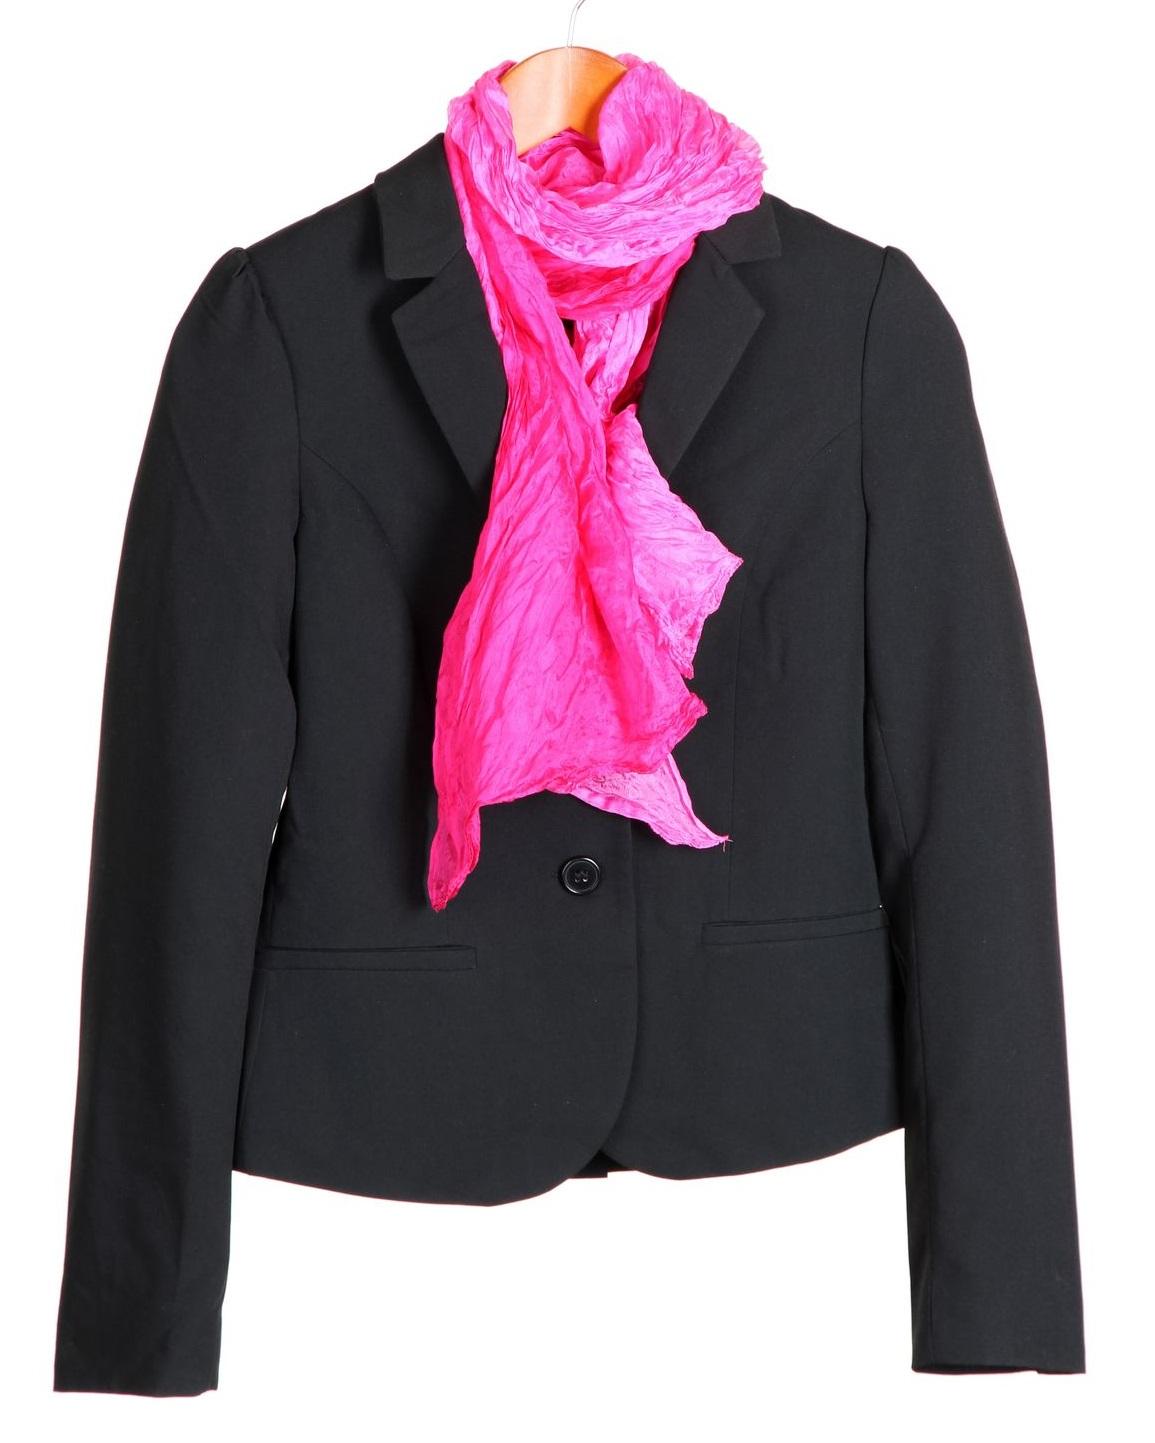 Add a black blazer & scarf